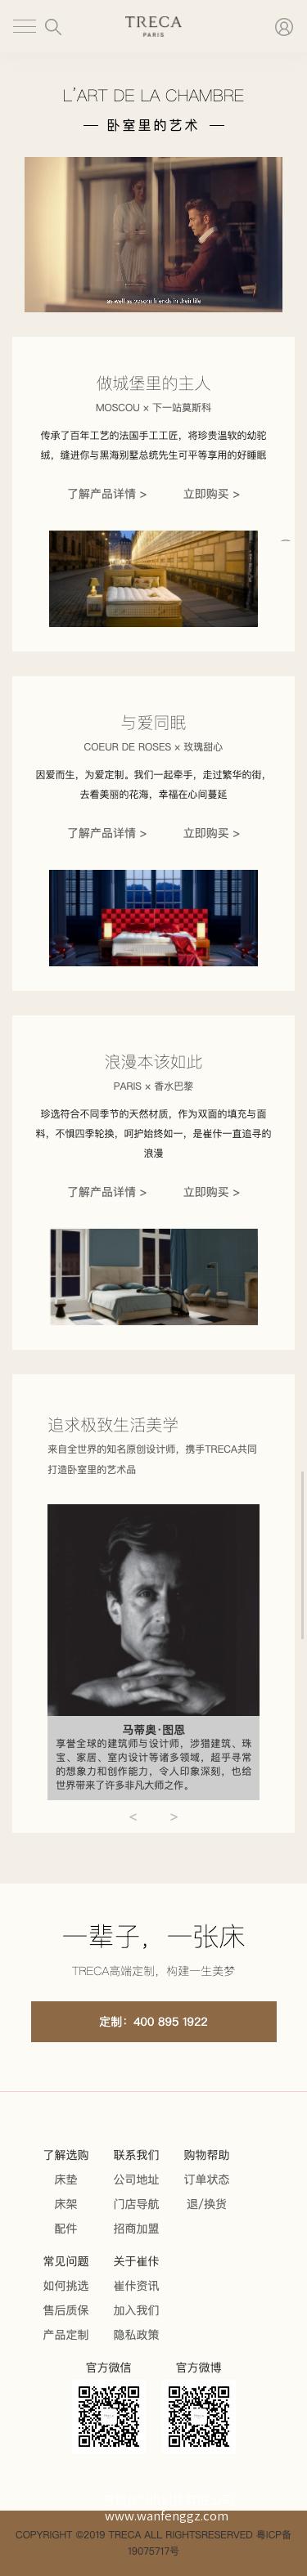 崔佧床垫移动端效果